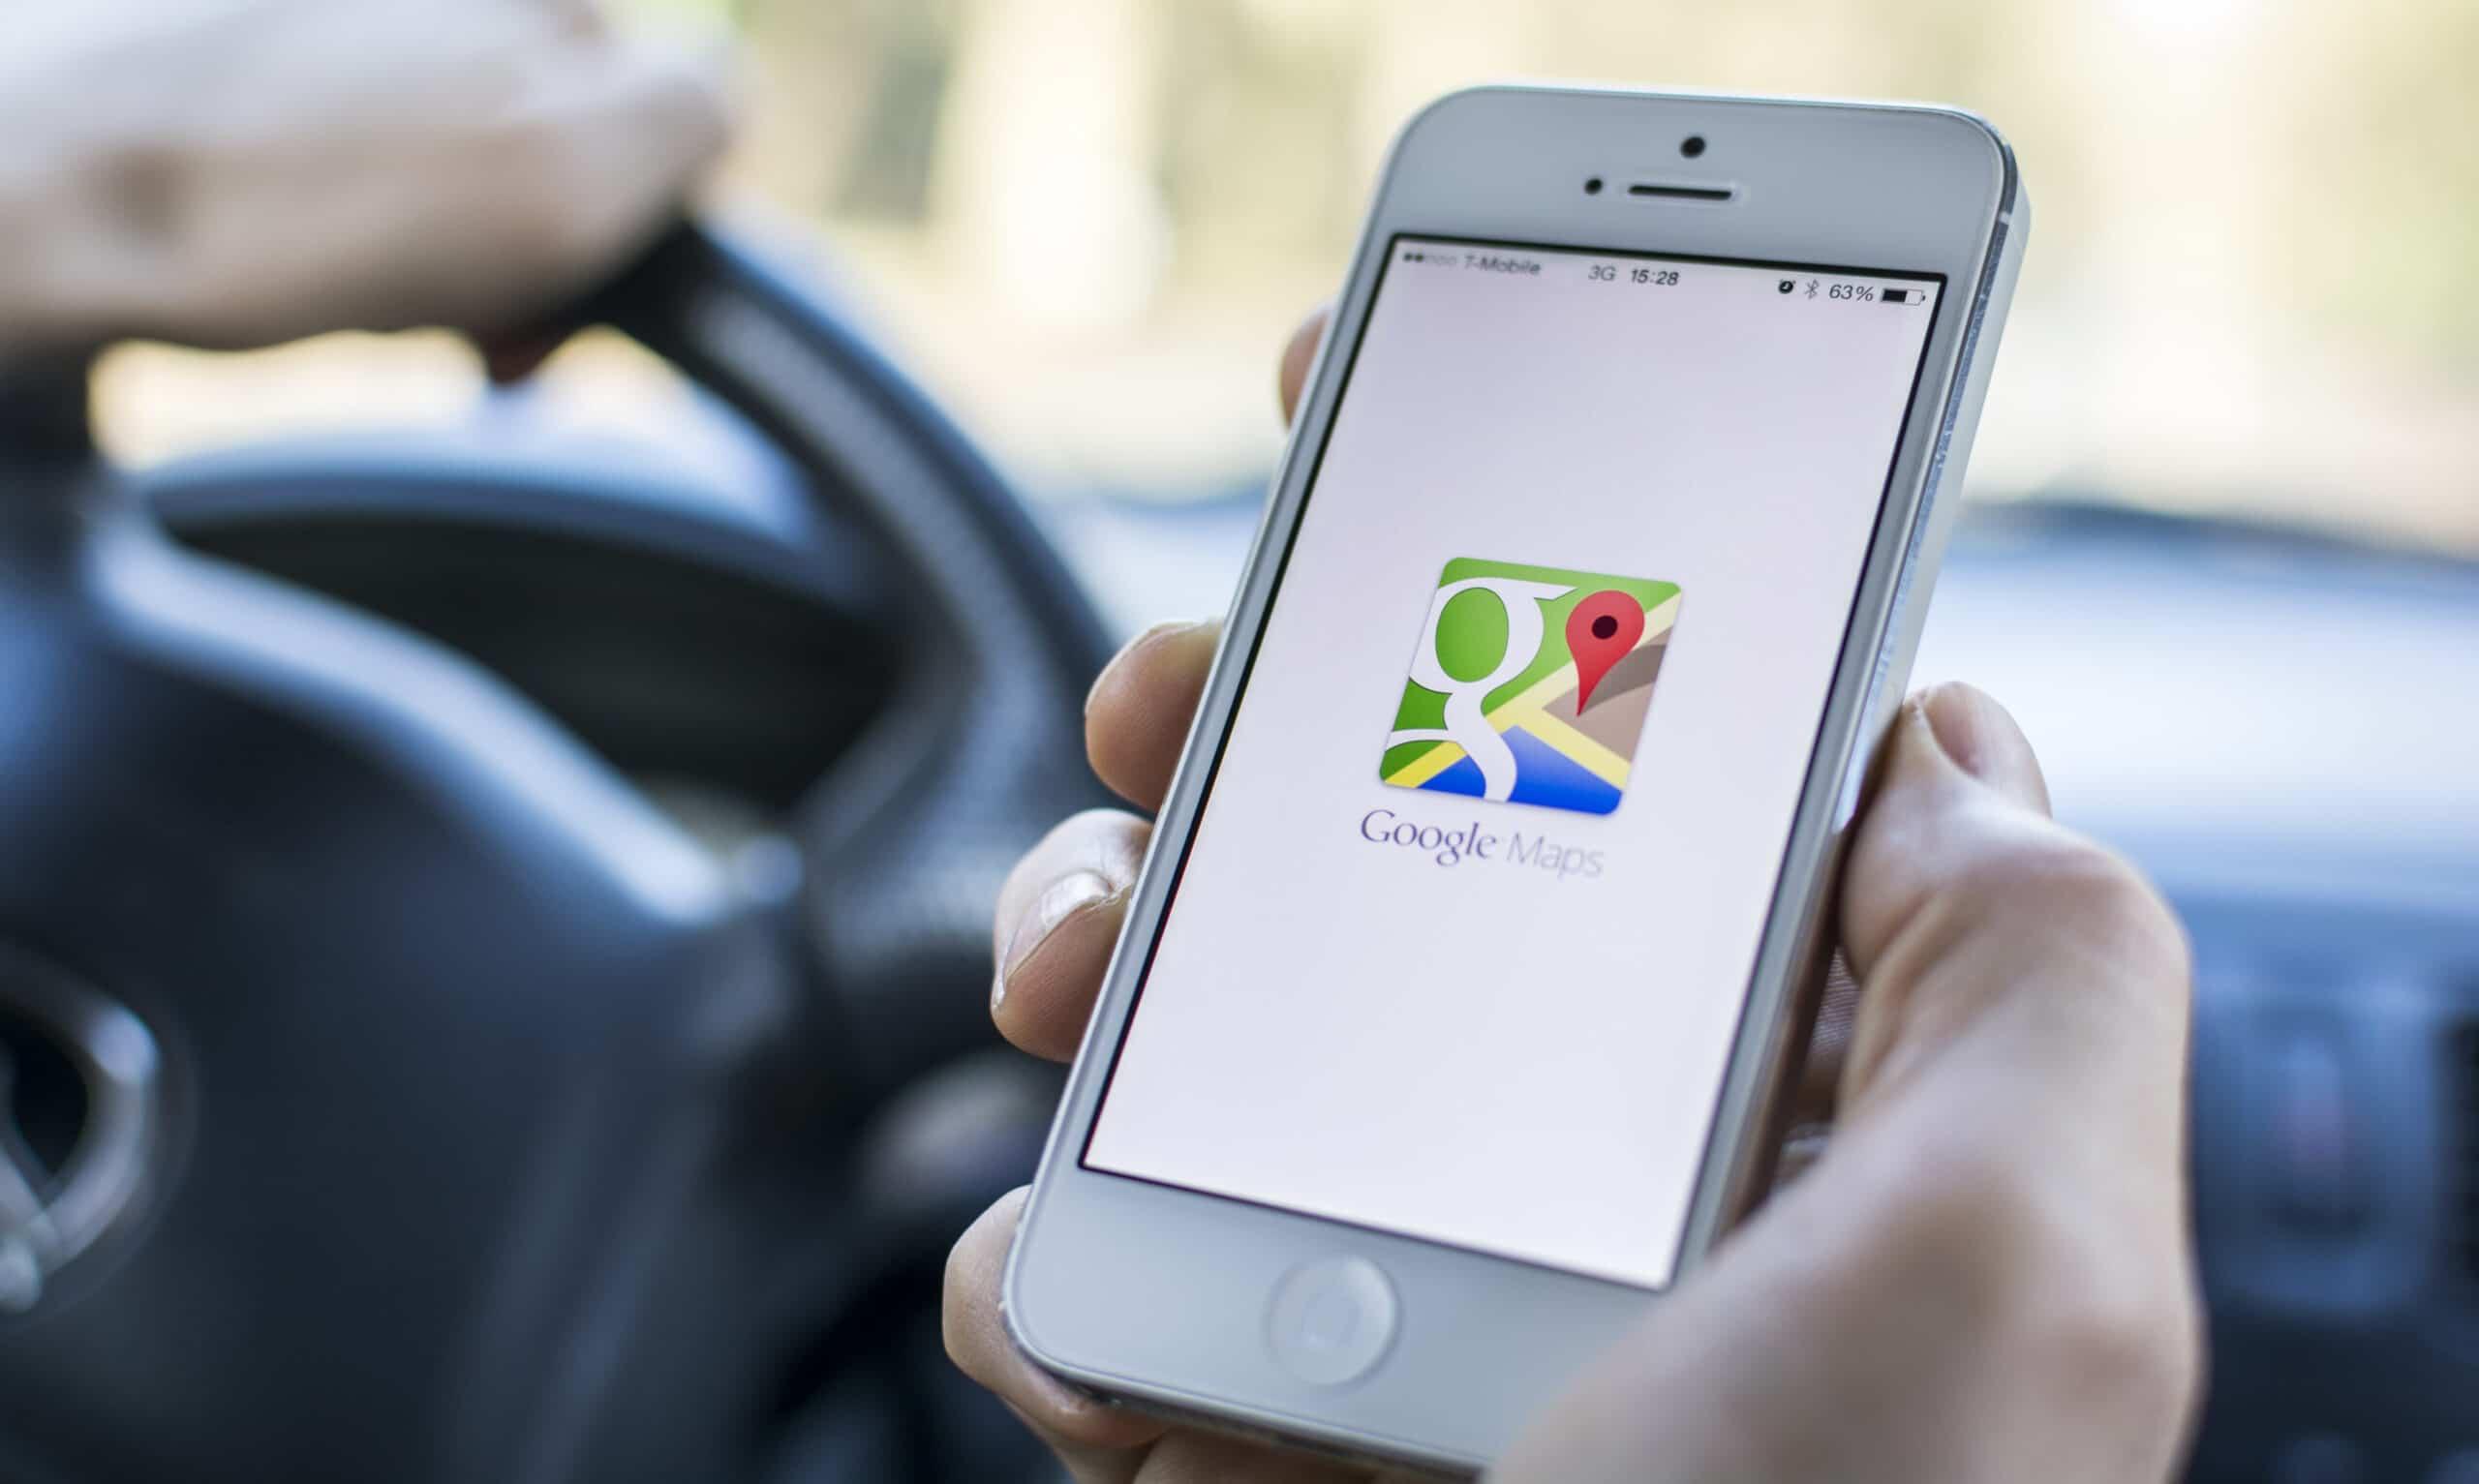 Apotheke in Google Maps unterwegs suchen